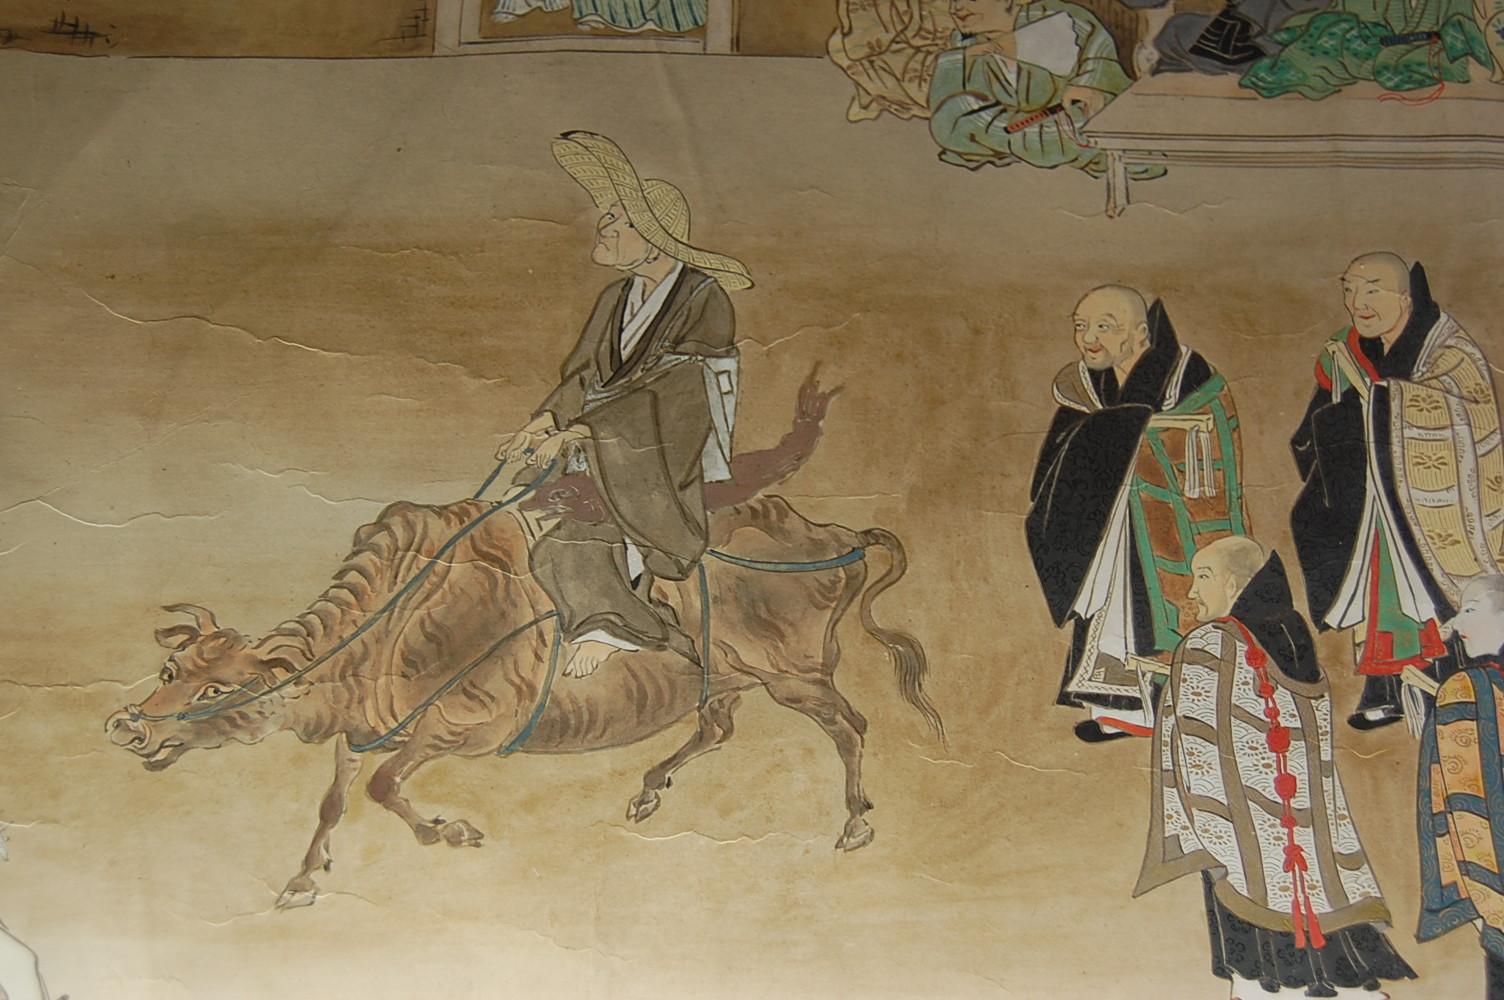 談山神社(妙楽寺)と増賀上人_a0237937_23533970.jpg